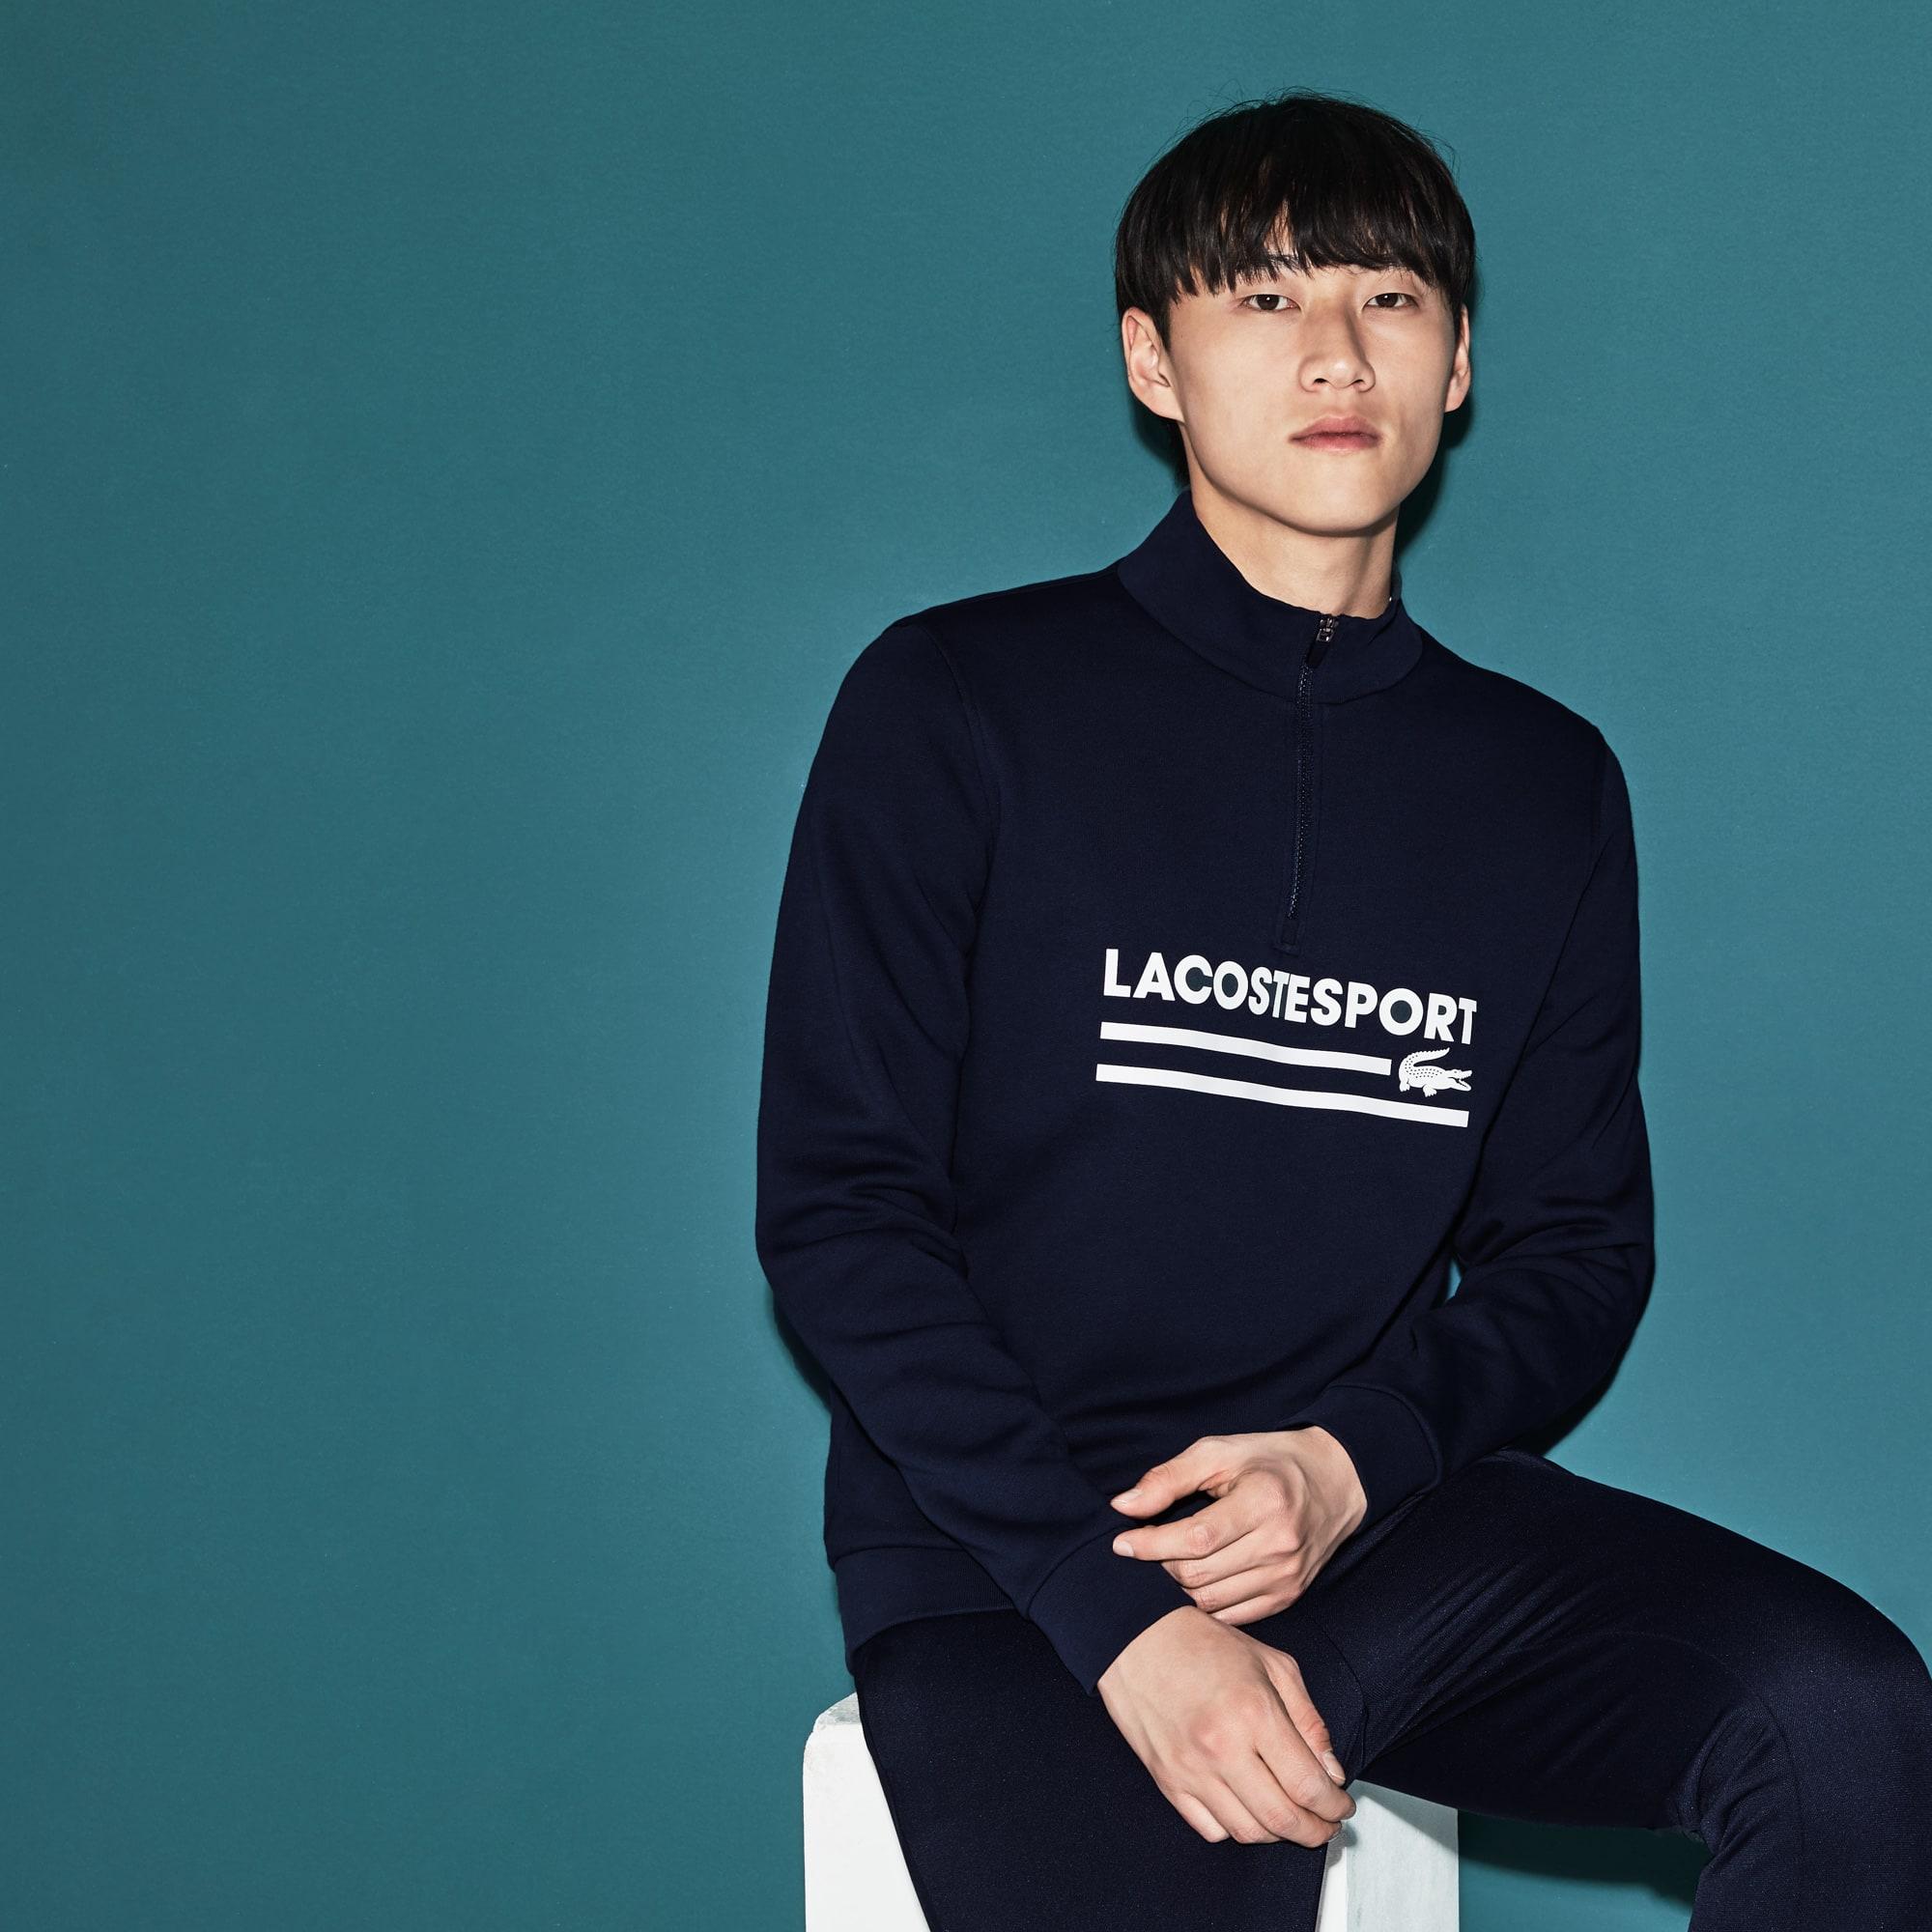 Men's Lacoste SPORT Zip Stand-Up Collar Fleece Tennis Sweatshirt